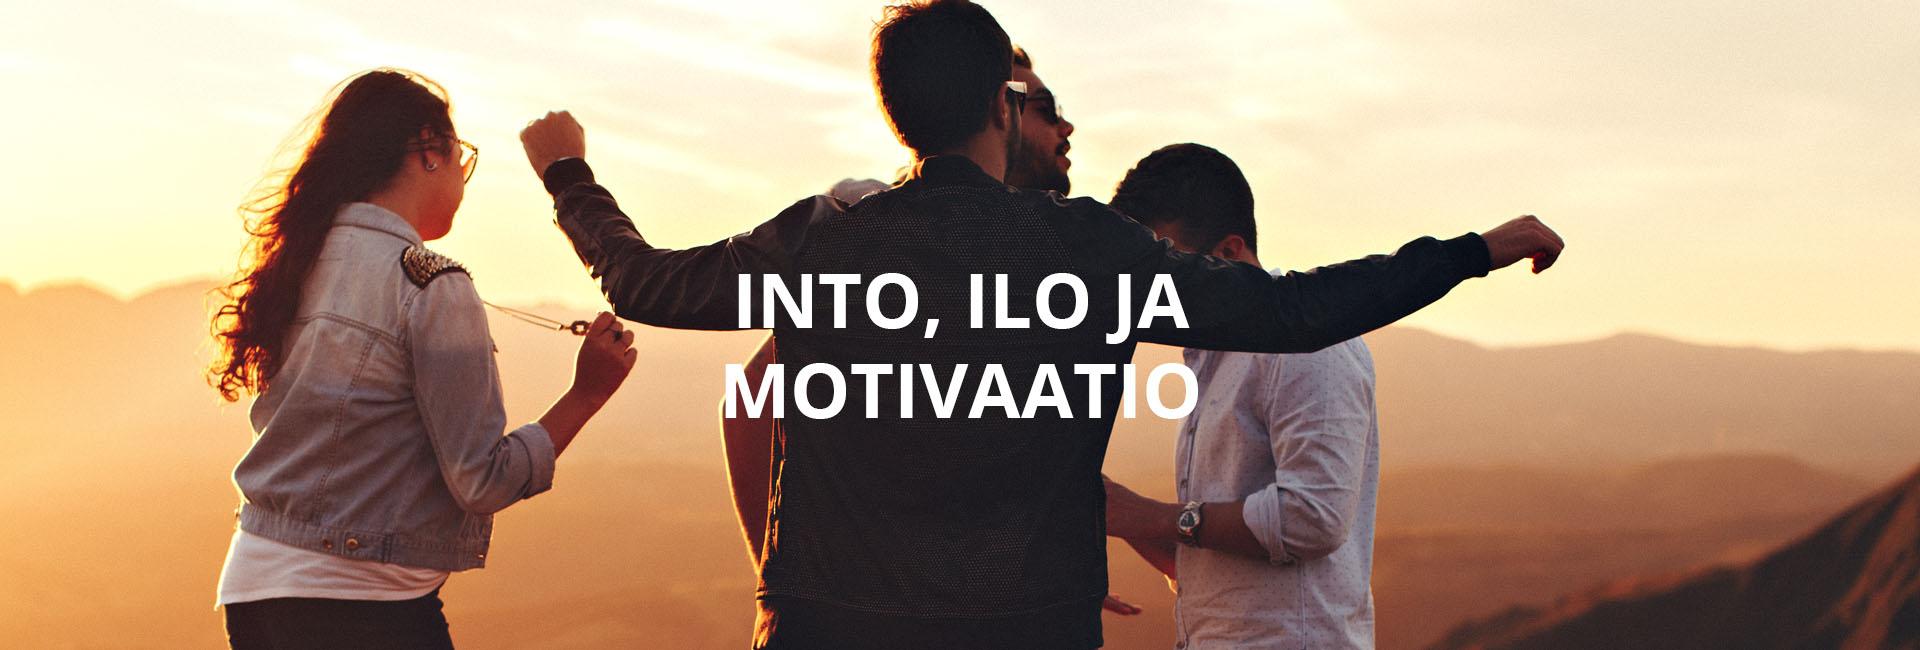 into-ilo-ja-motivaatio